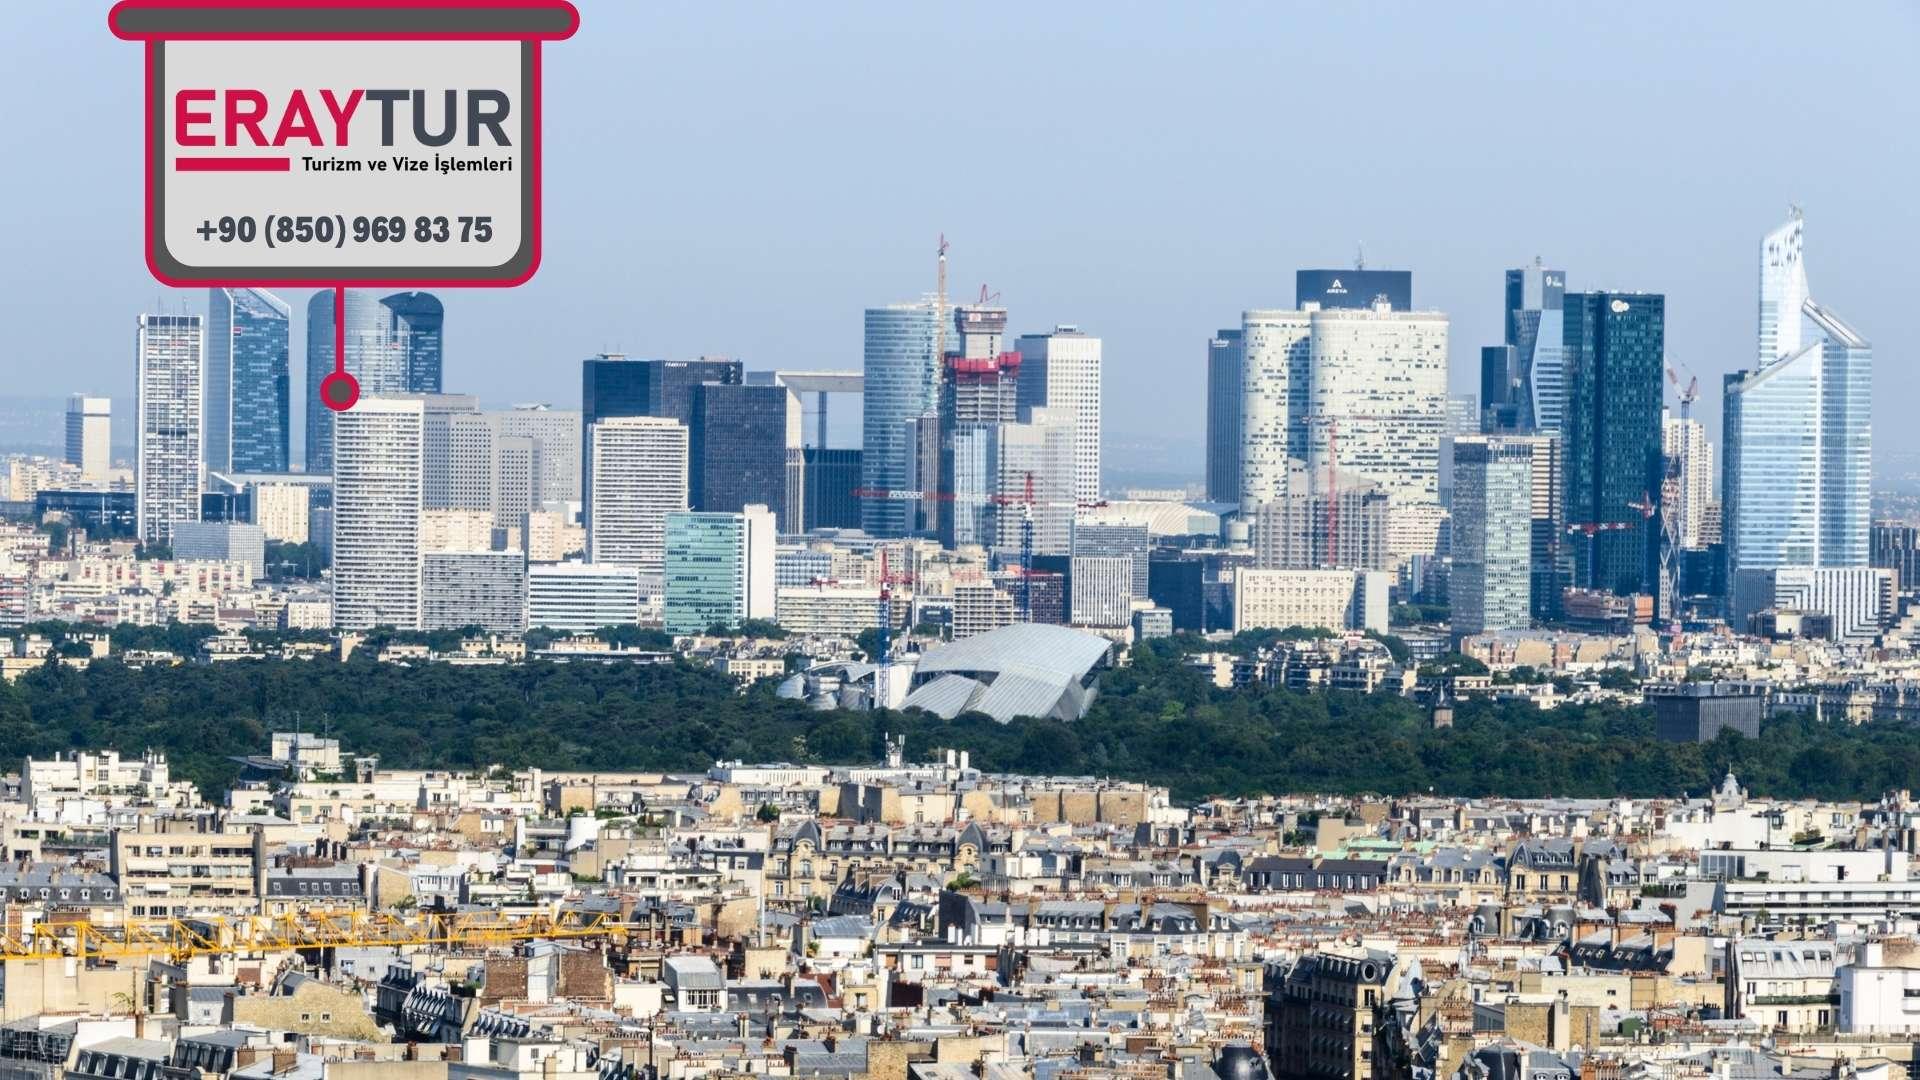 Fransa Ticari Vize Dilekçe Örneği